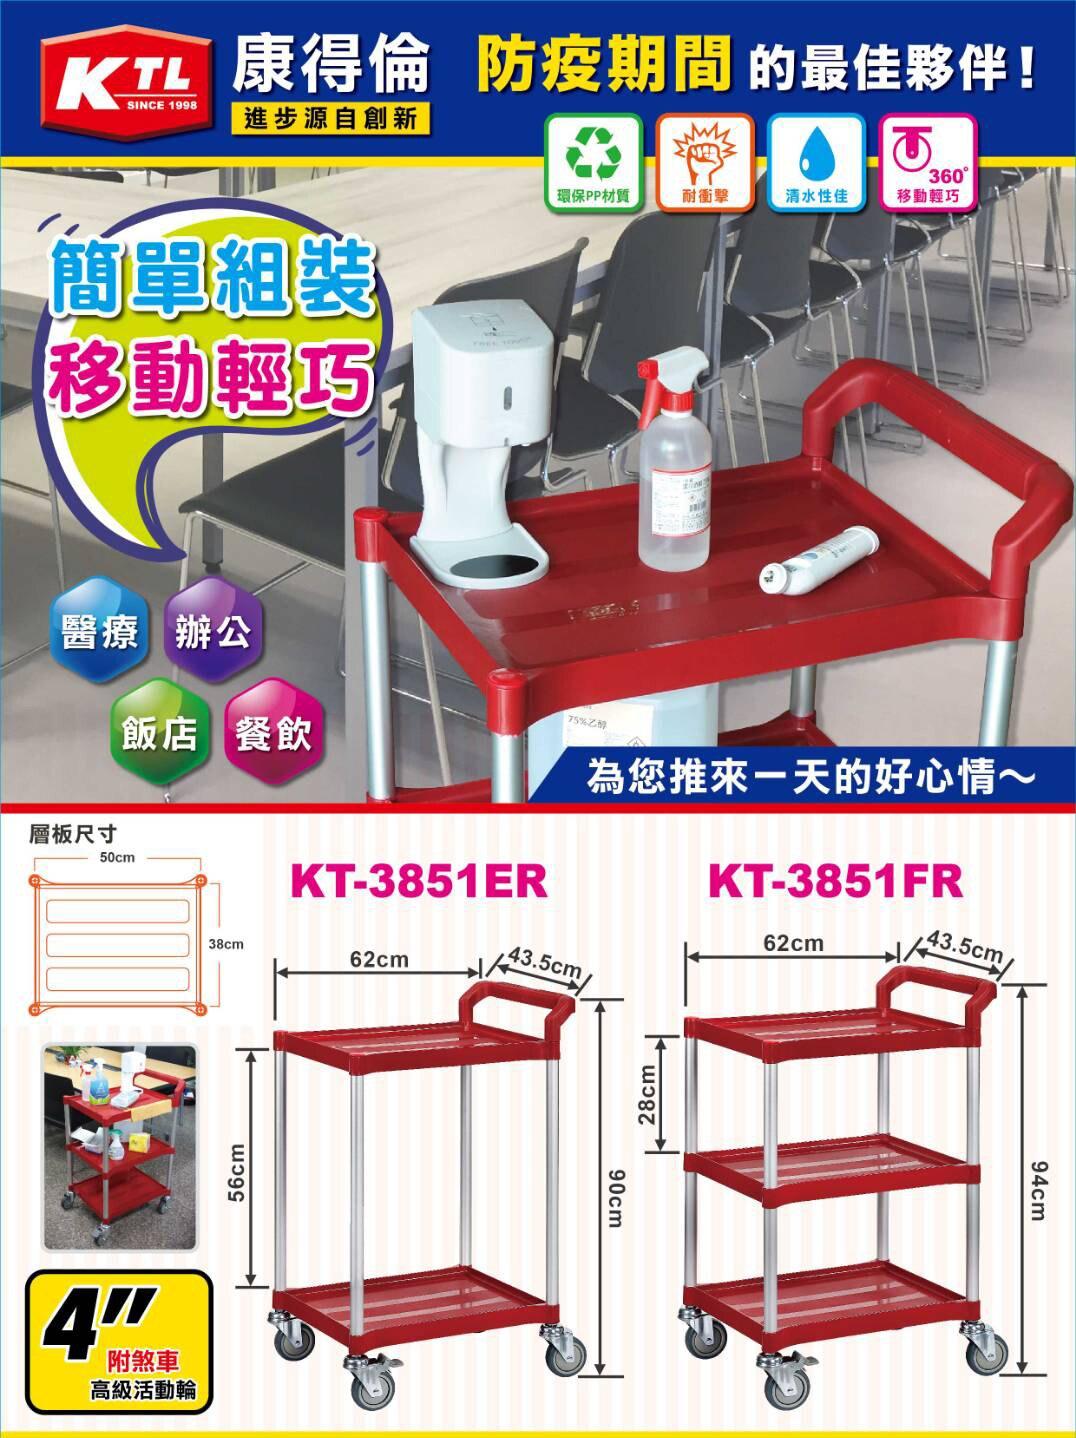 防疫助手二層工作推車(紅) KT-3851ER 單把手 推車 手推車 工作車 置物車 餐車 清潔車 房務車 置物架